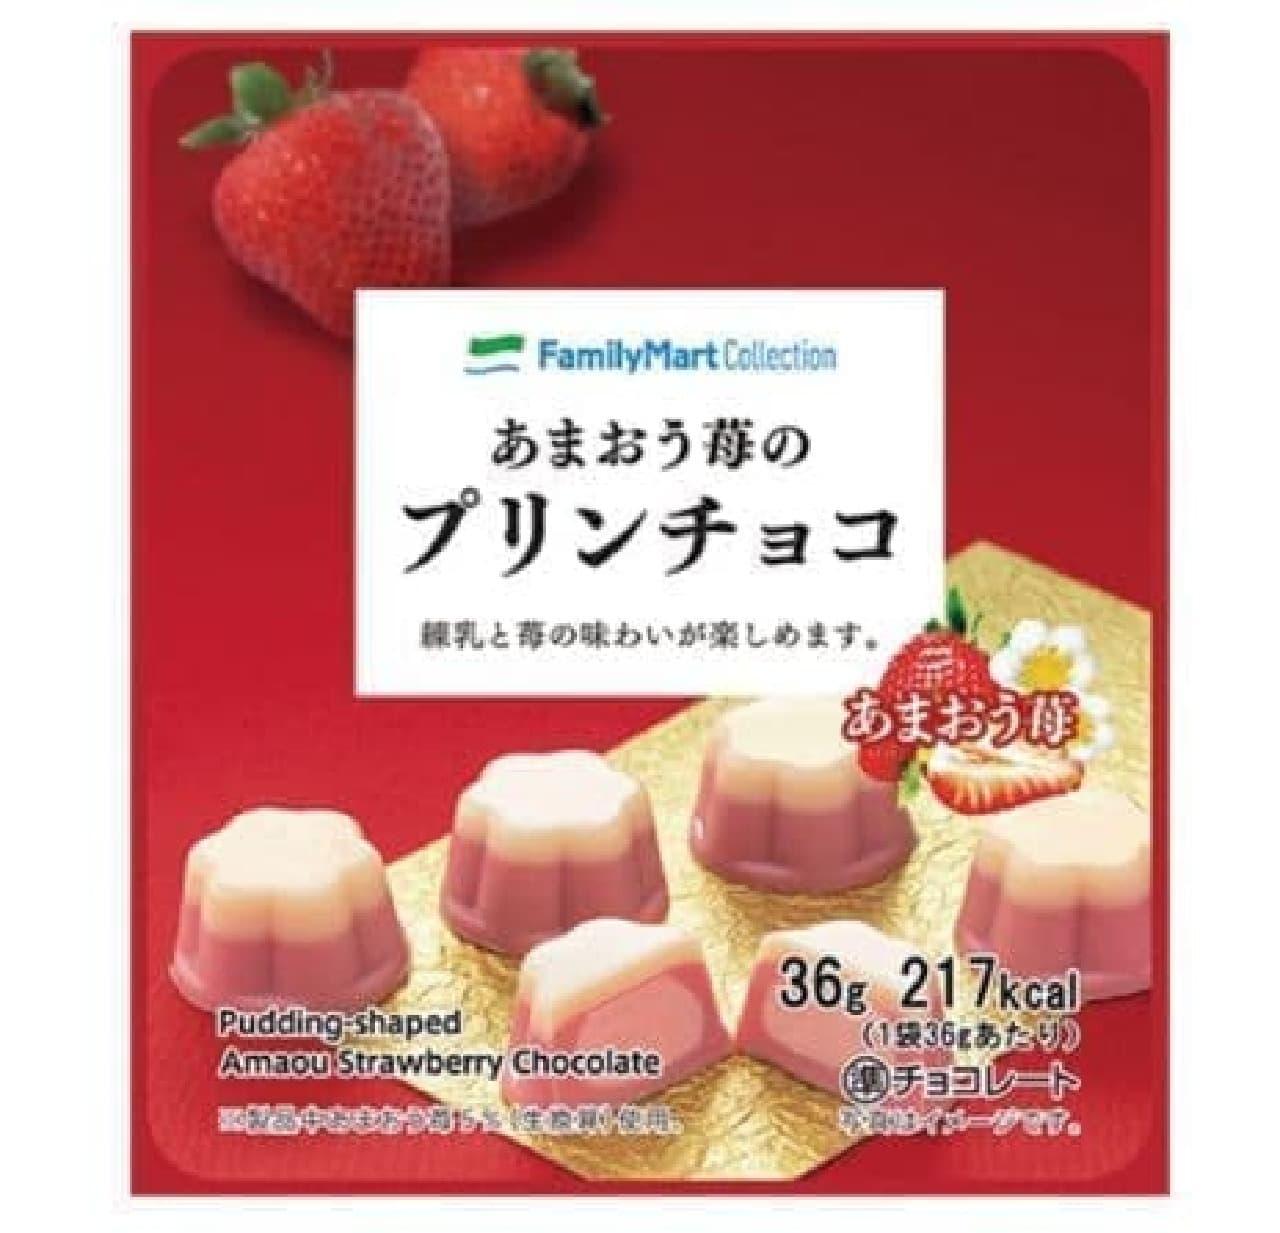 ファミリーマート「あまおう苺のプリンチョコ」